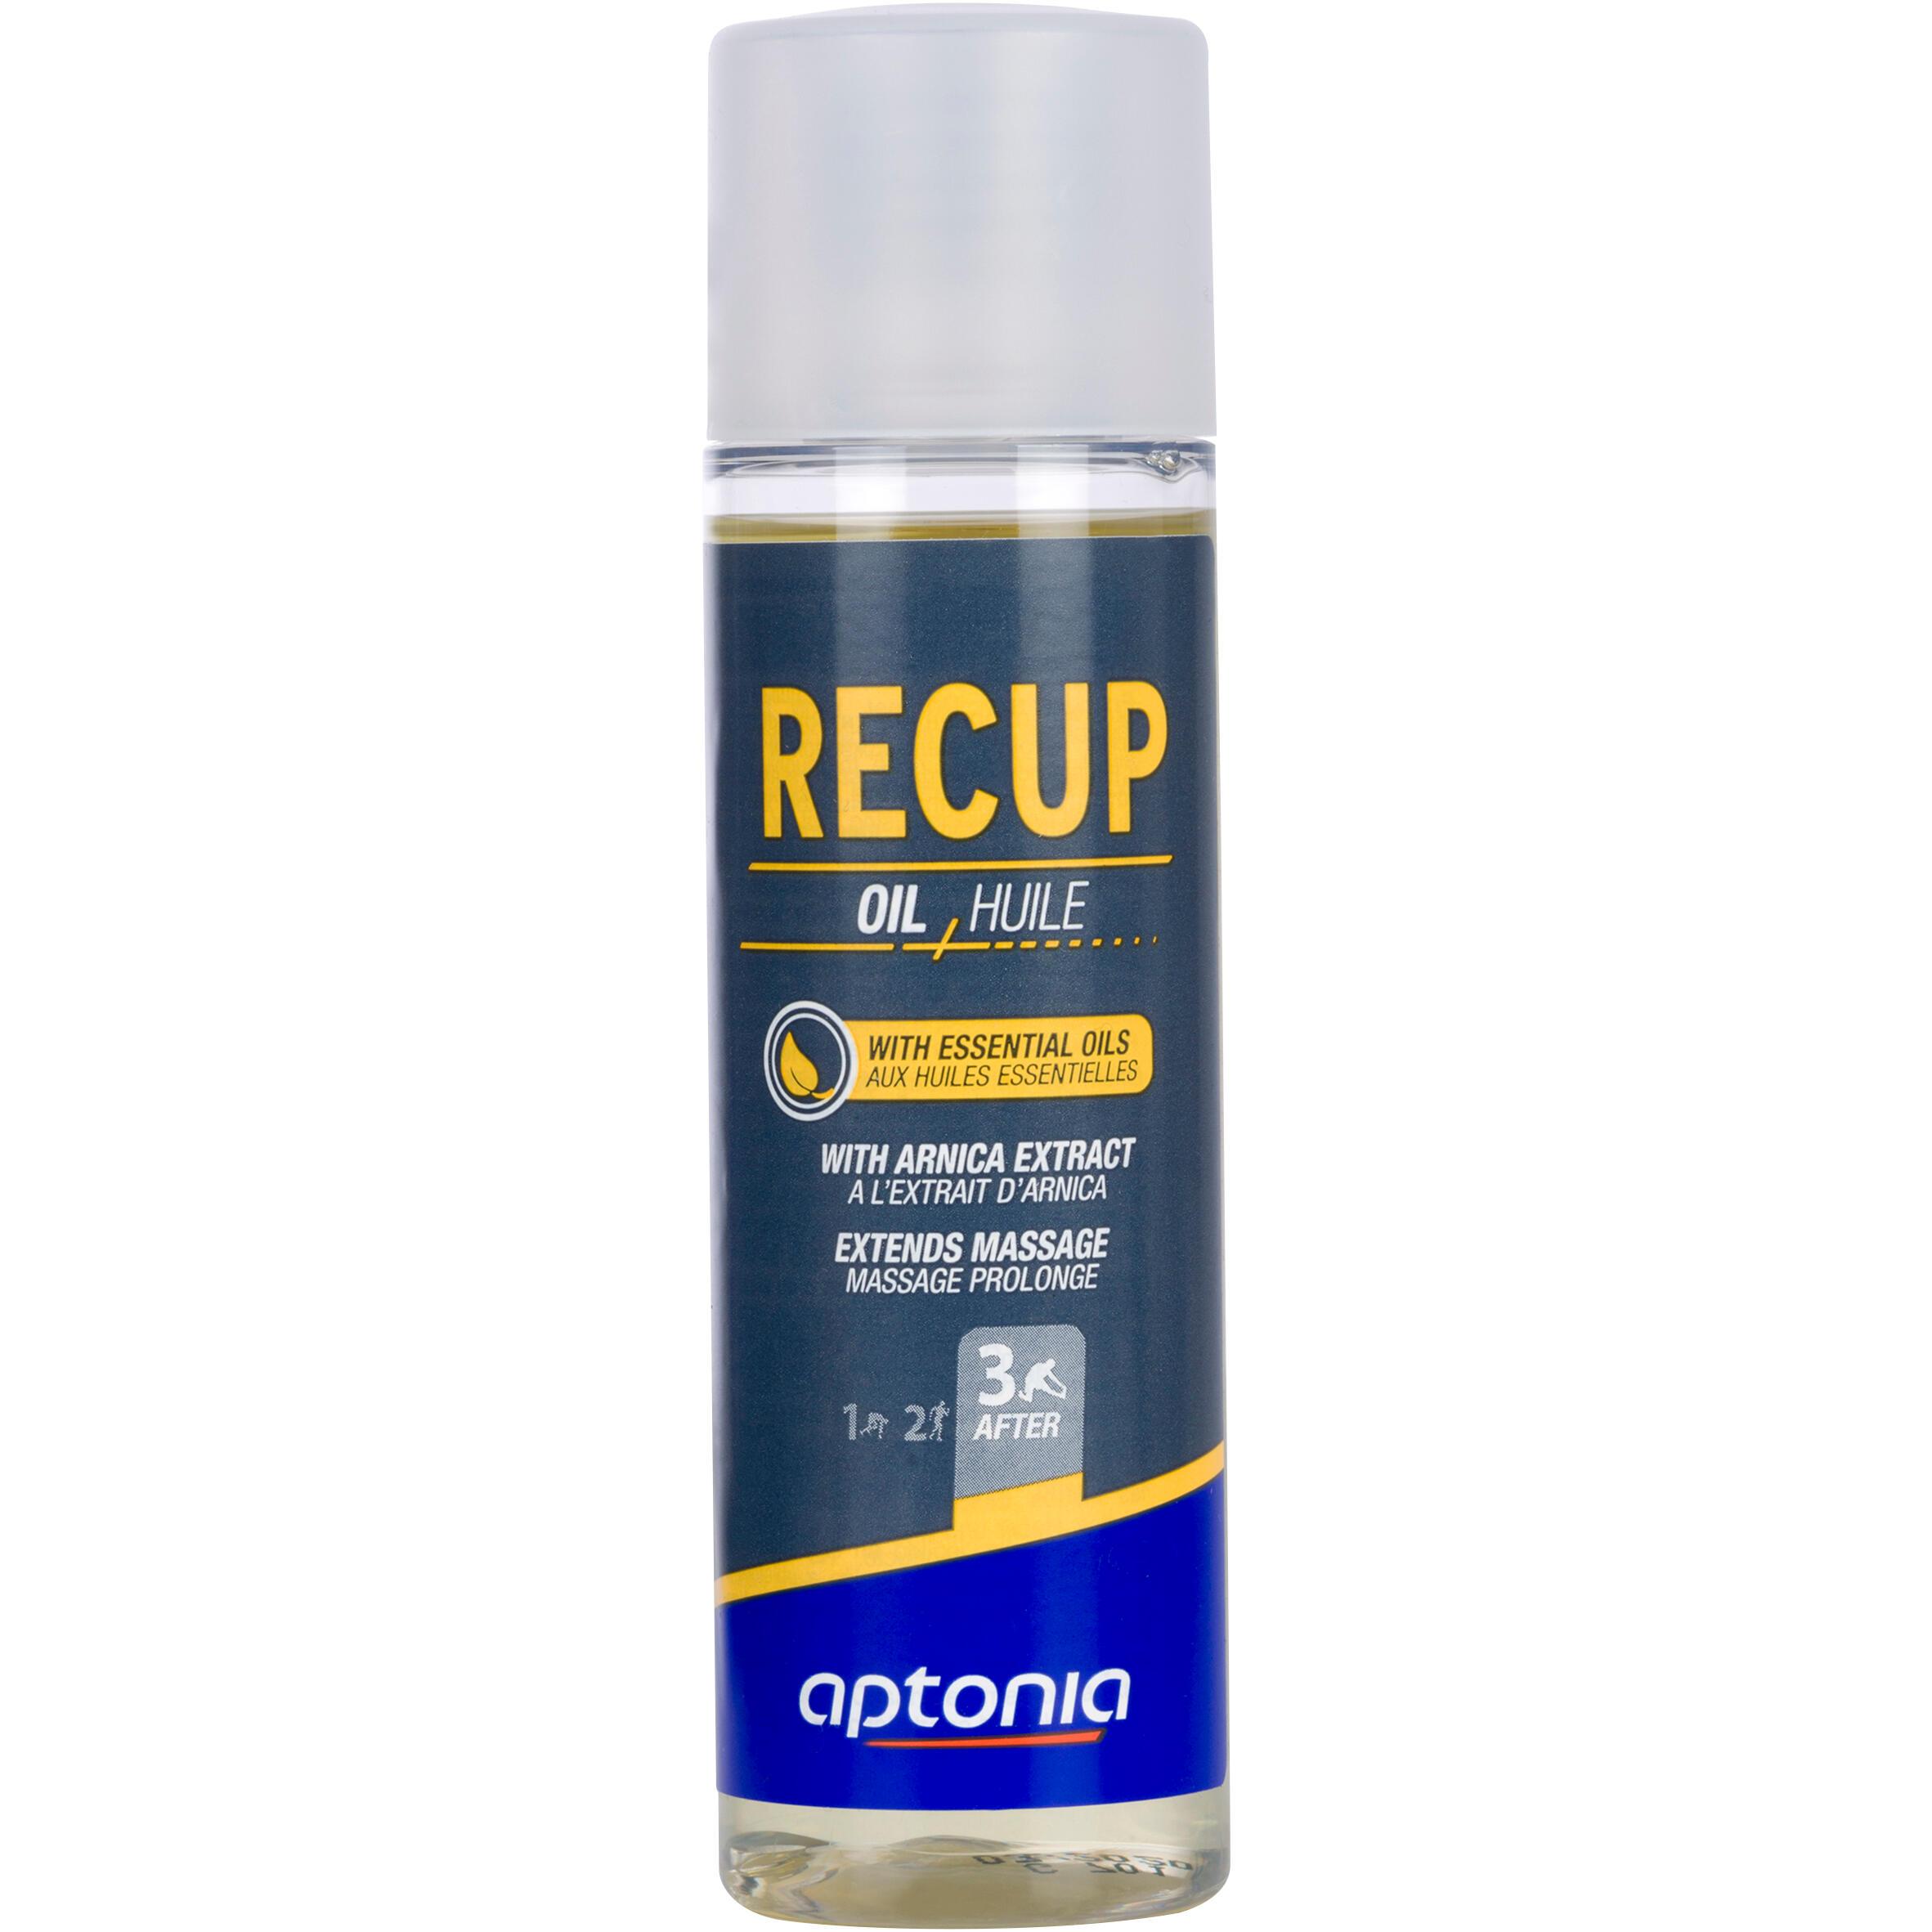 Aptonia Massageolie voor recuperatie met etherische oliën en arnica 125 ml thumbnail